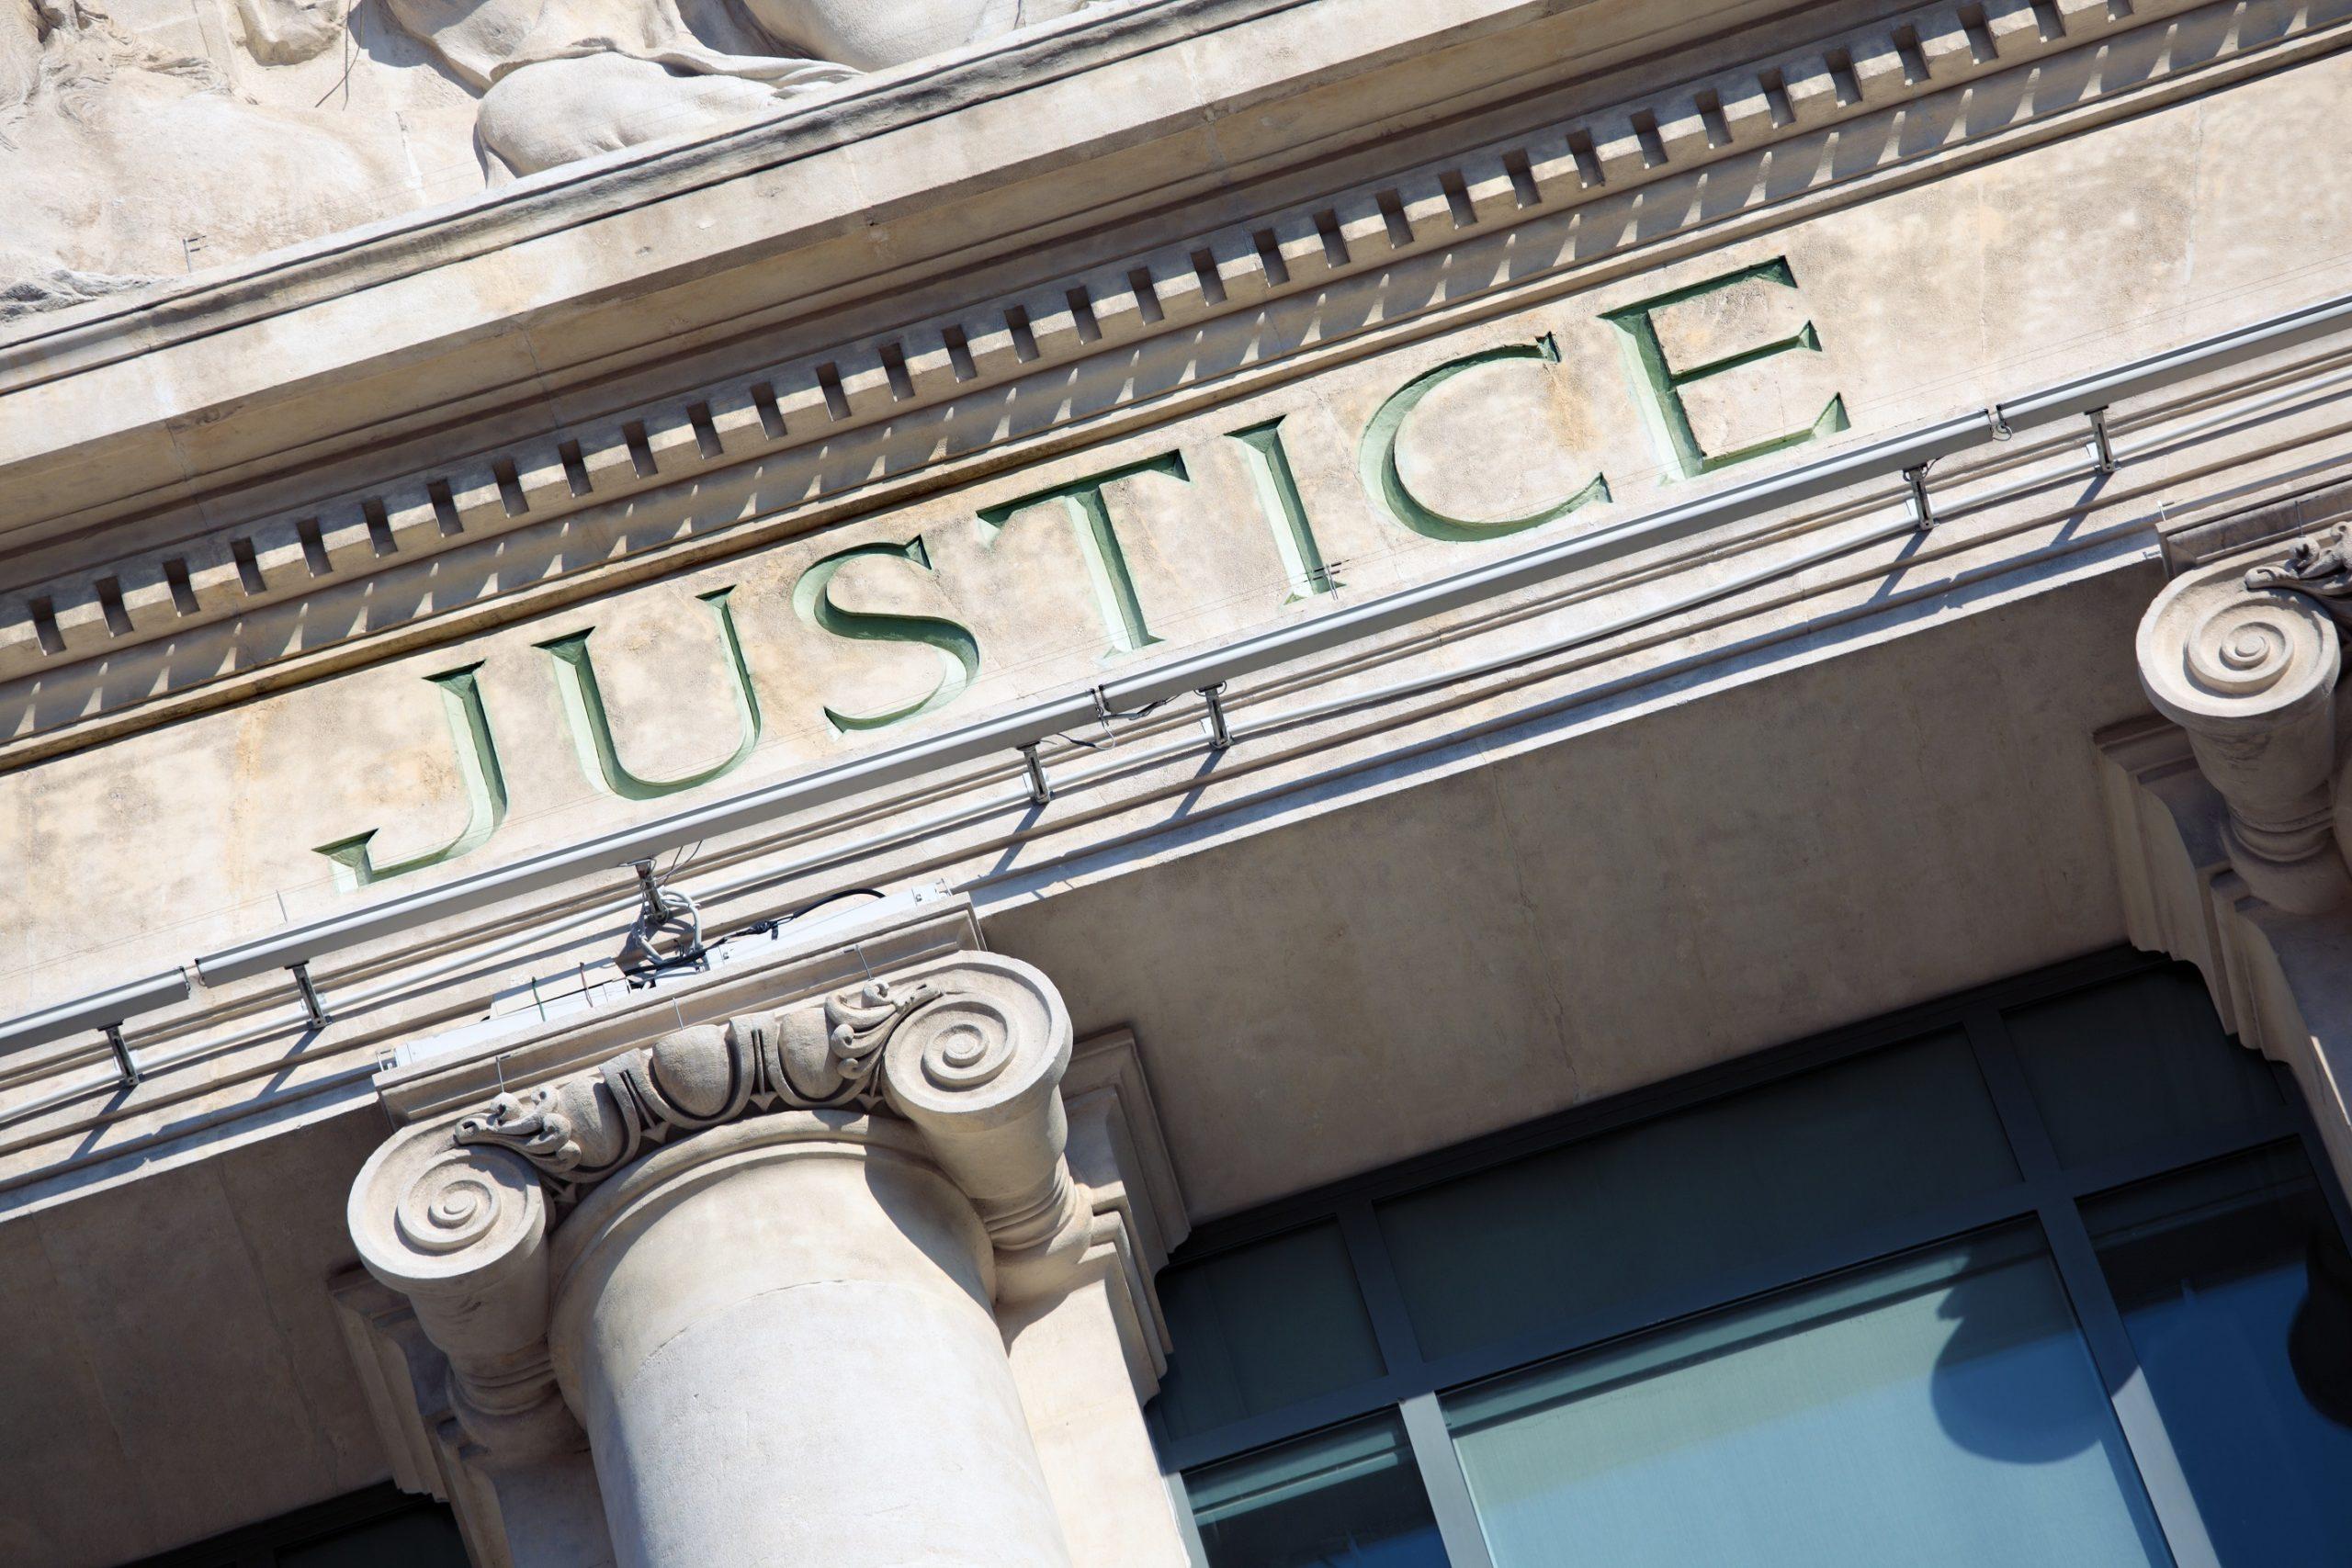 Tribunal justice